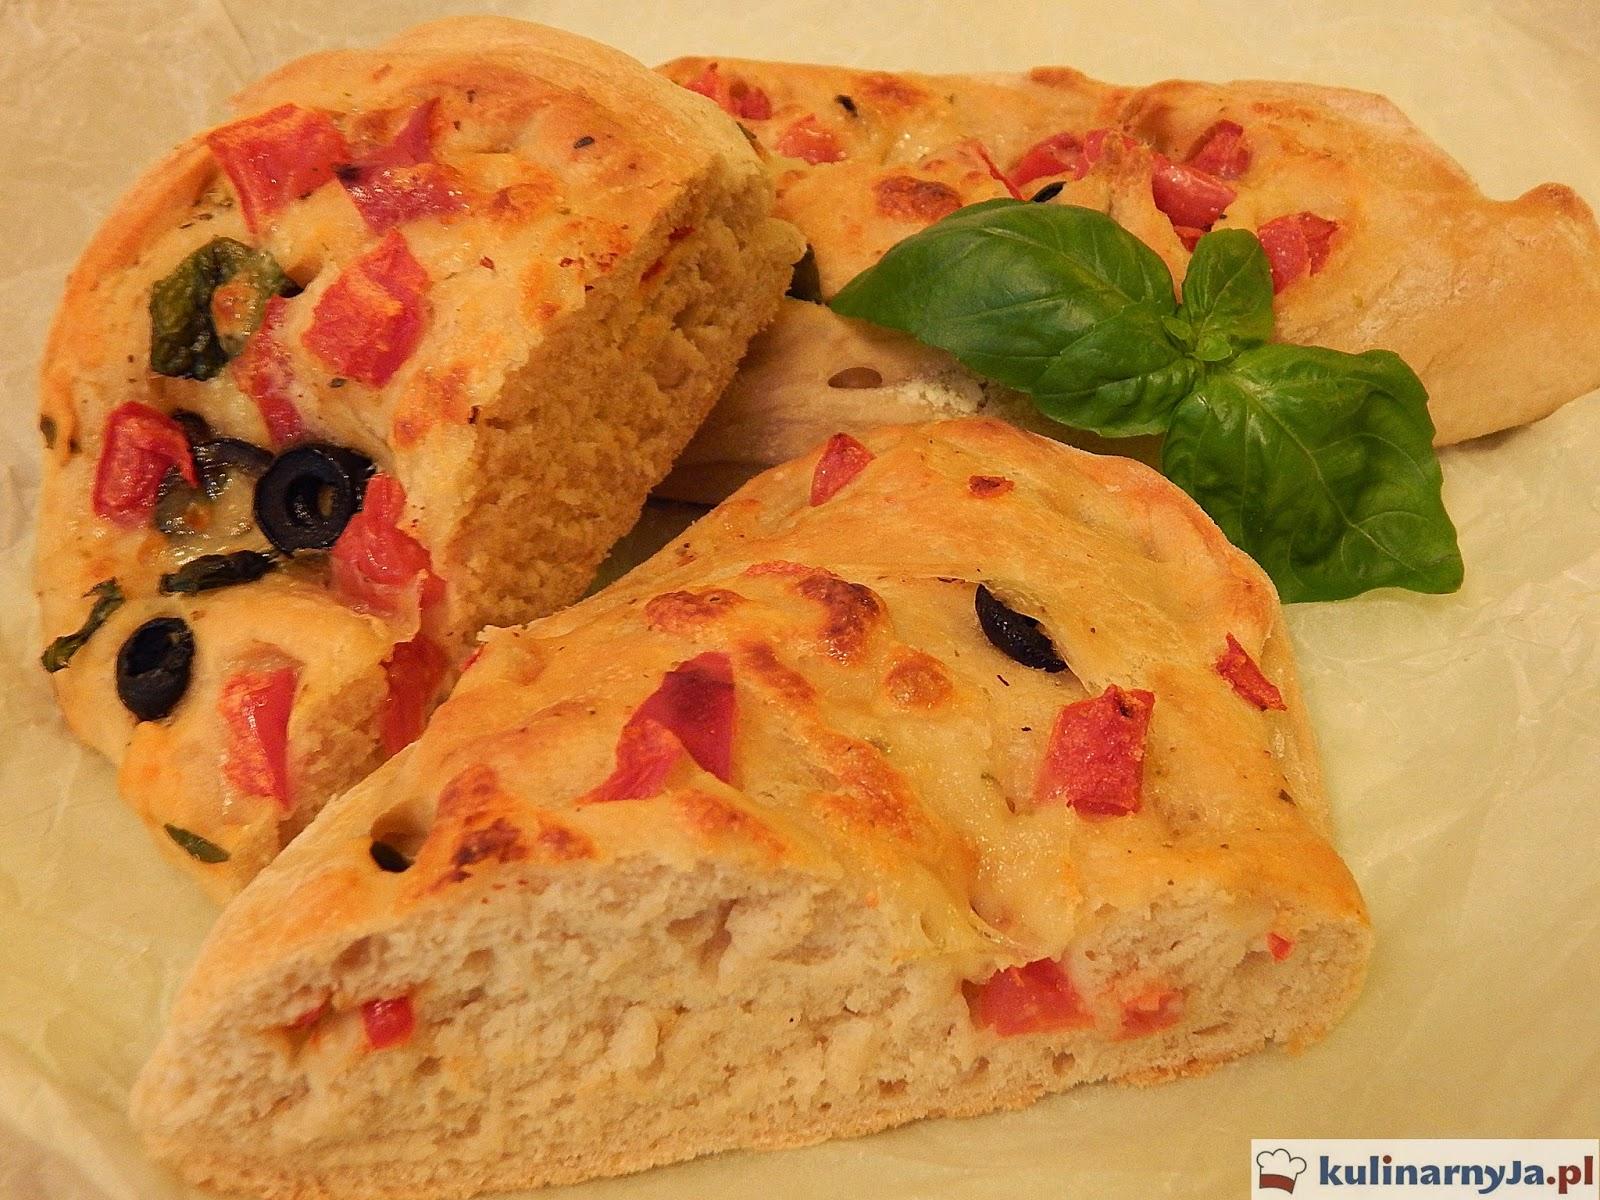 Bułeczki z pomidorami, oliwkami, bazylią i mozzarellą